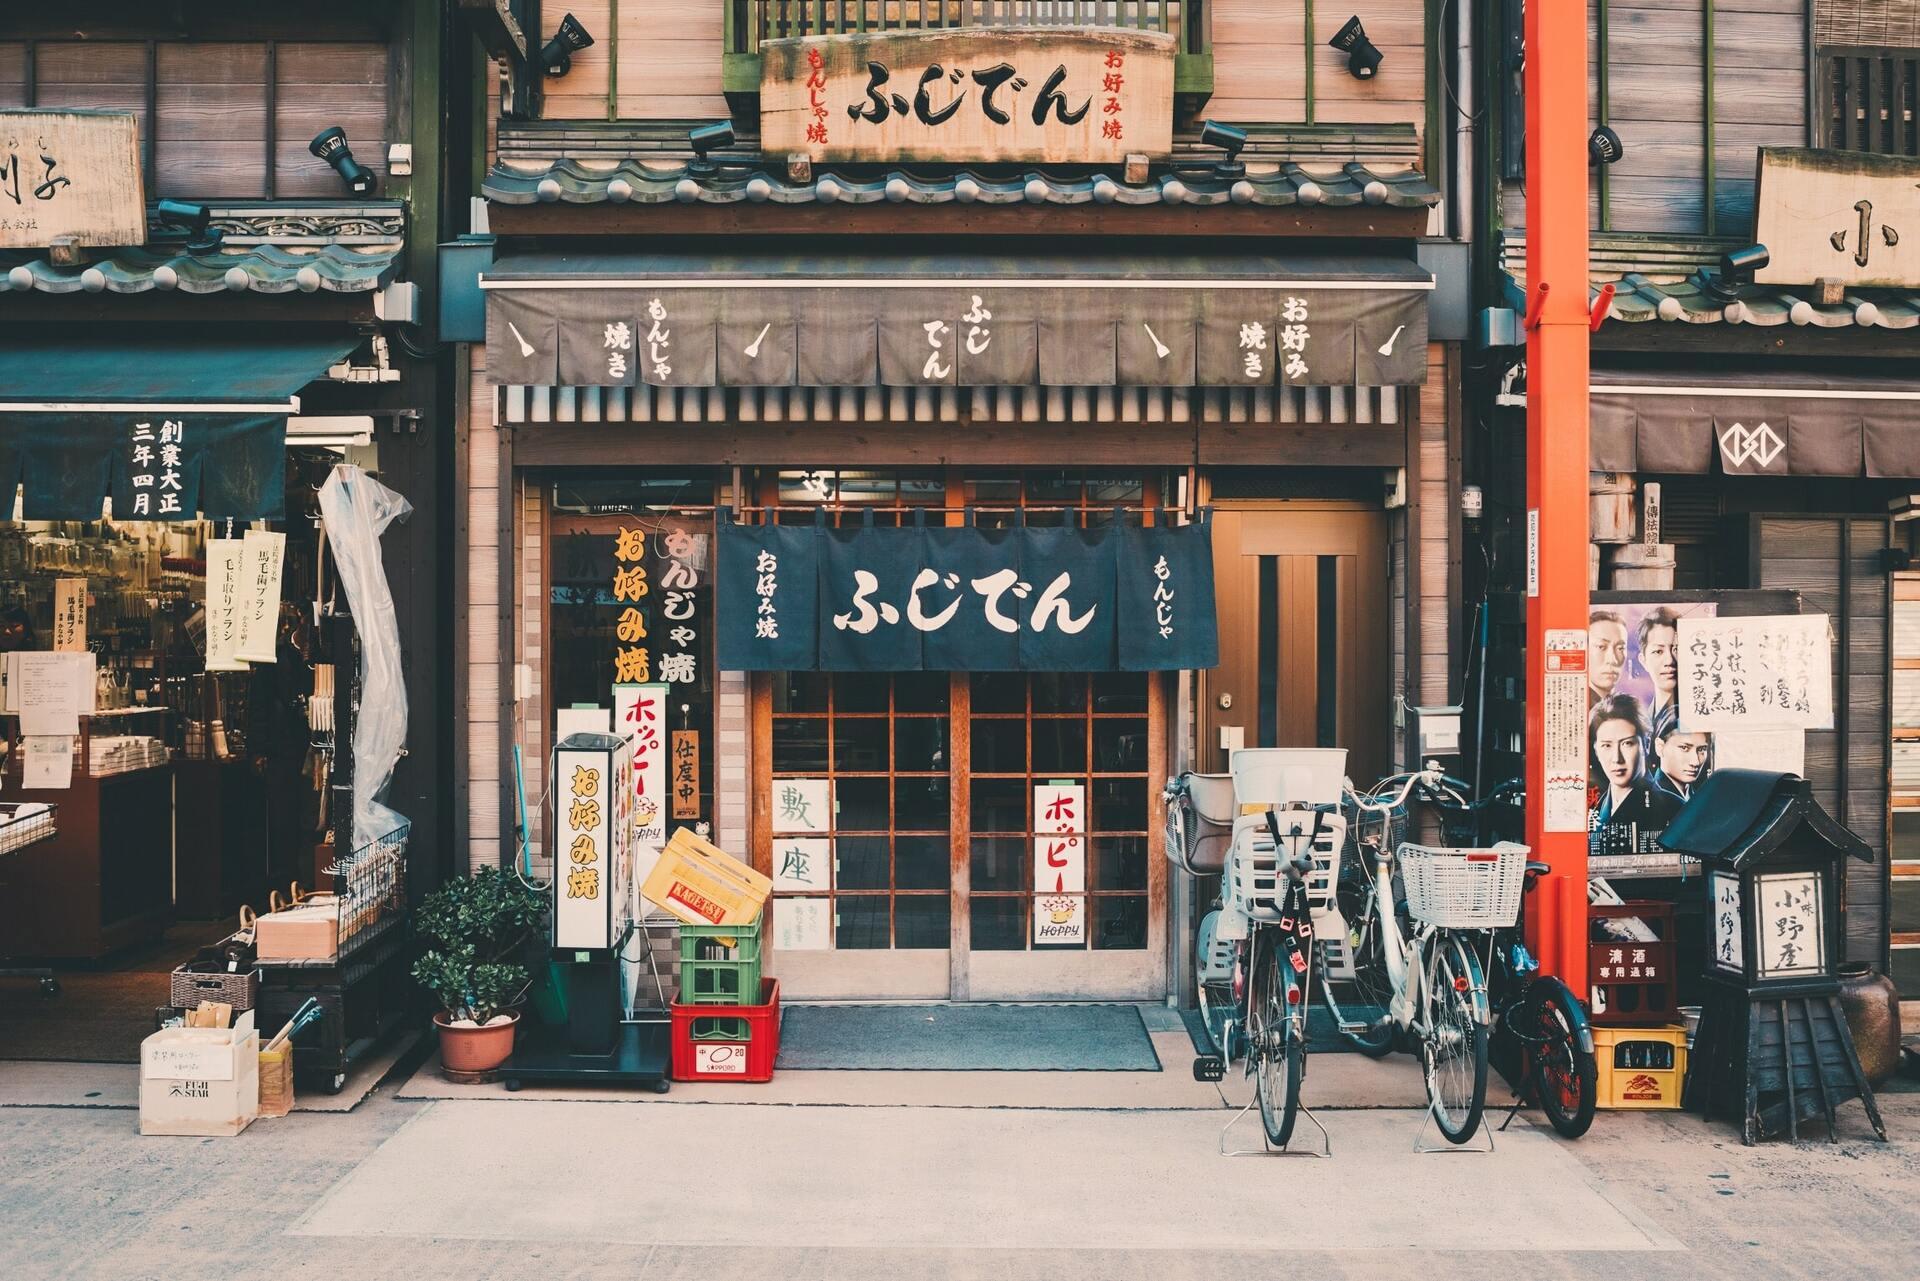 Японские мудрости о жизни и смерти, о любви, об отношении к людям и преодолении трудностей — то, что восхищает и заставляет иначе смотреть на мир